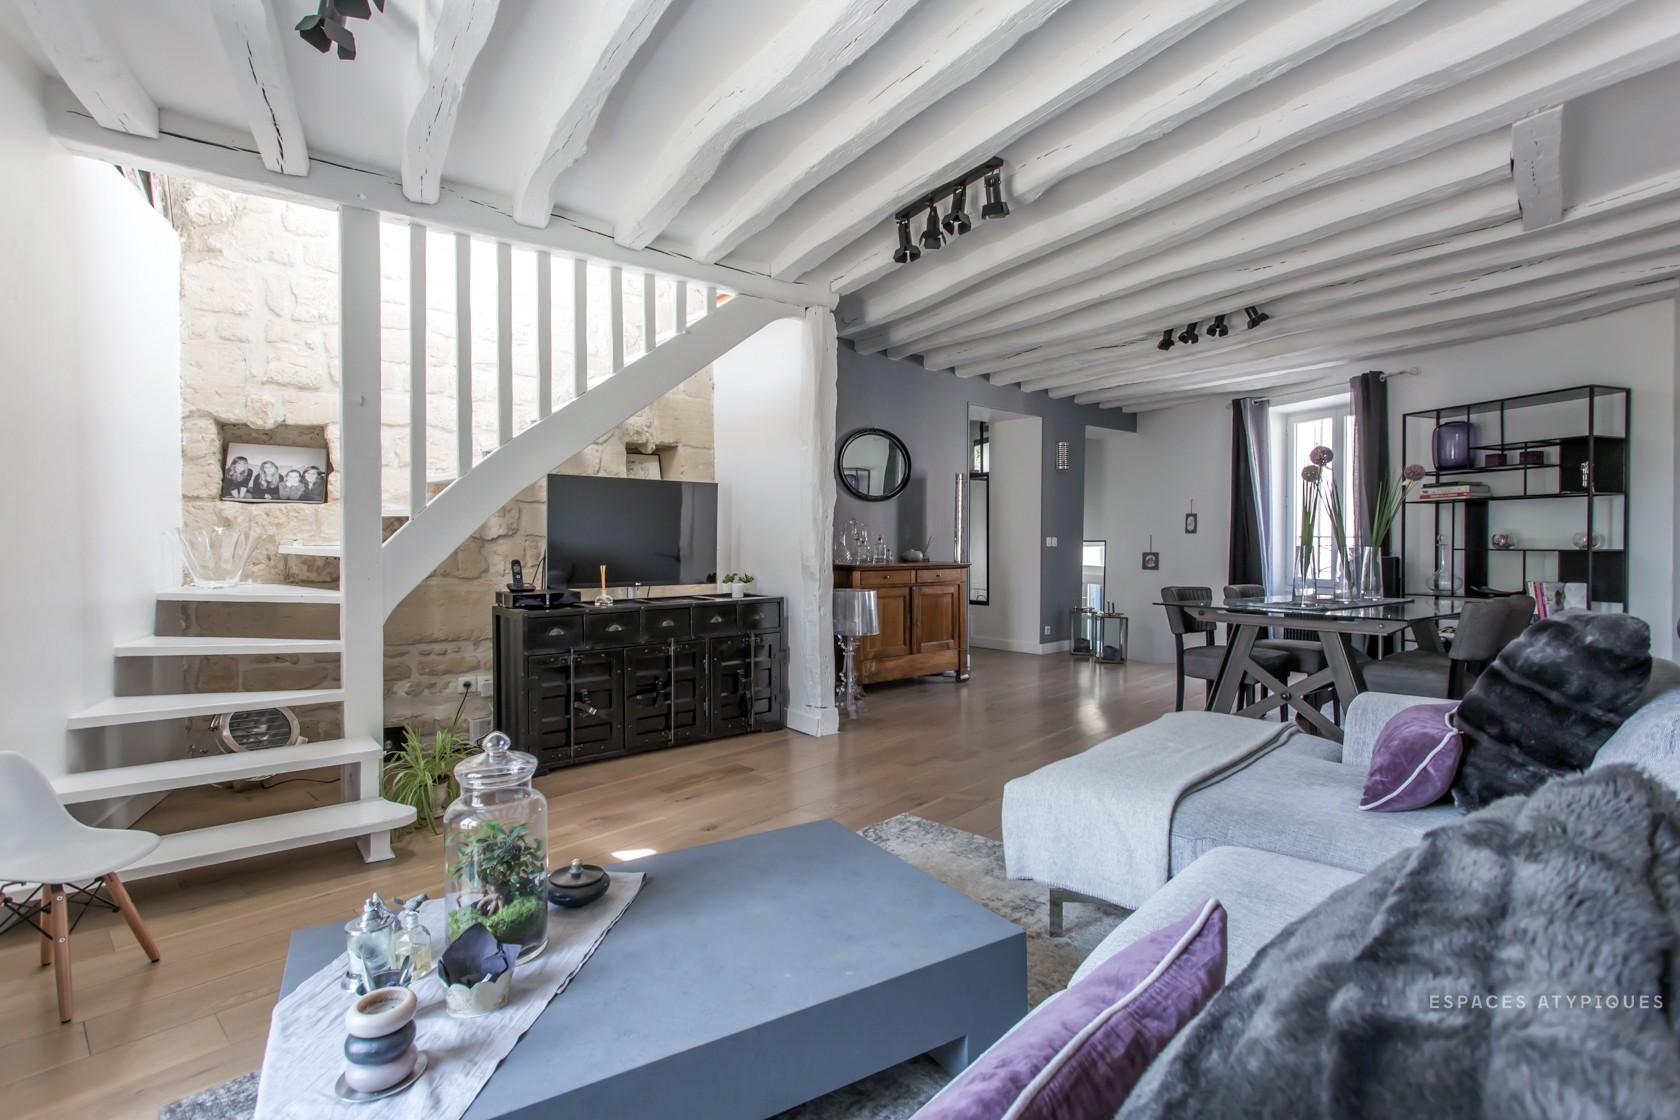 2069-maison-du-XV-siecle-entierement-renovee-espaces-atypiques-le-mesnil-le-roi-01